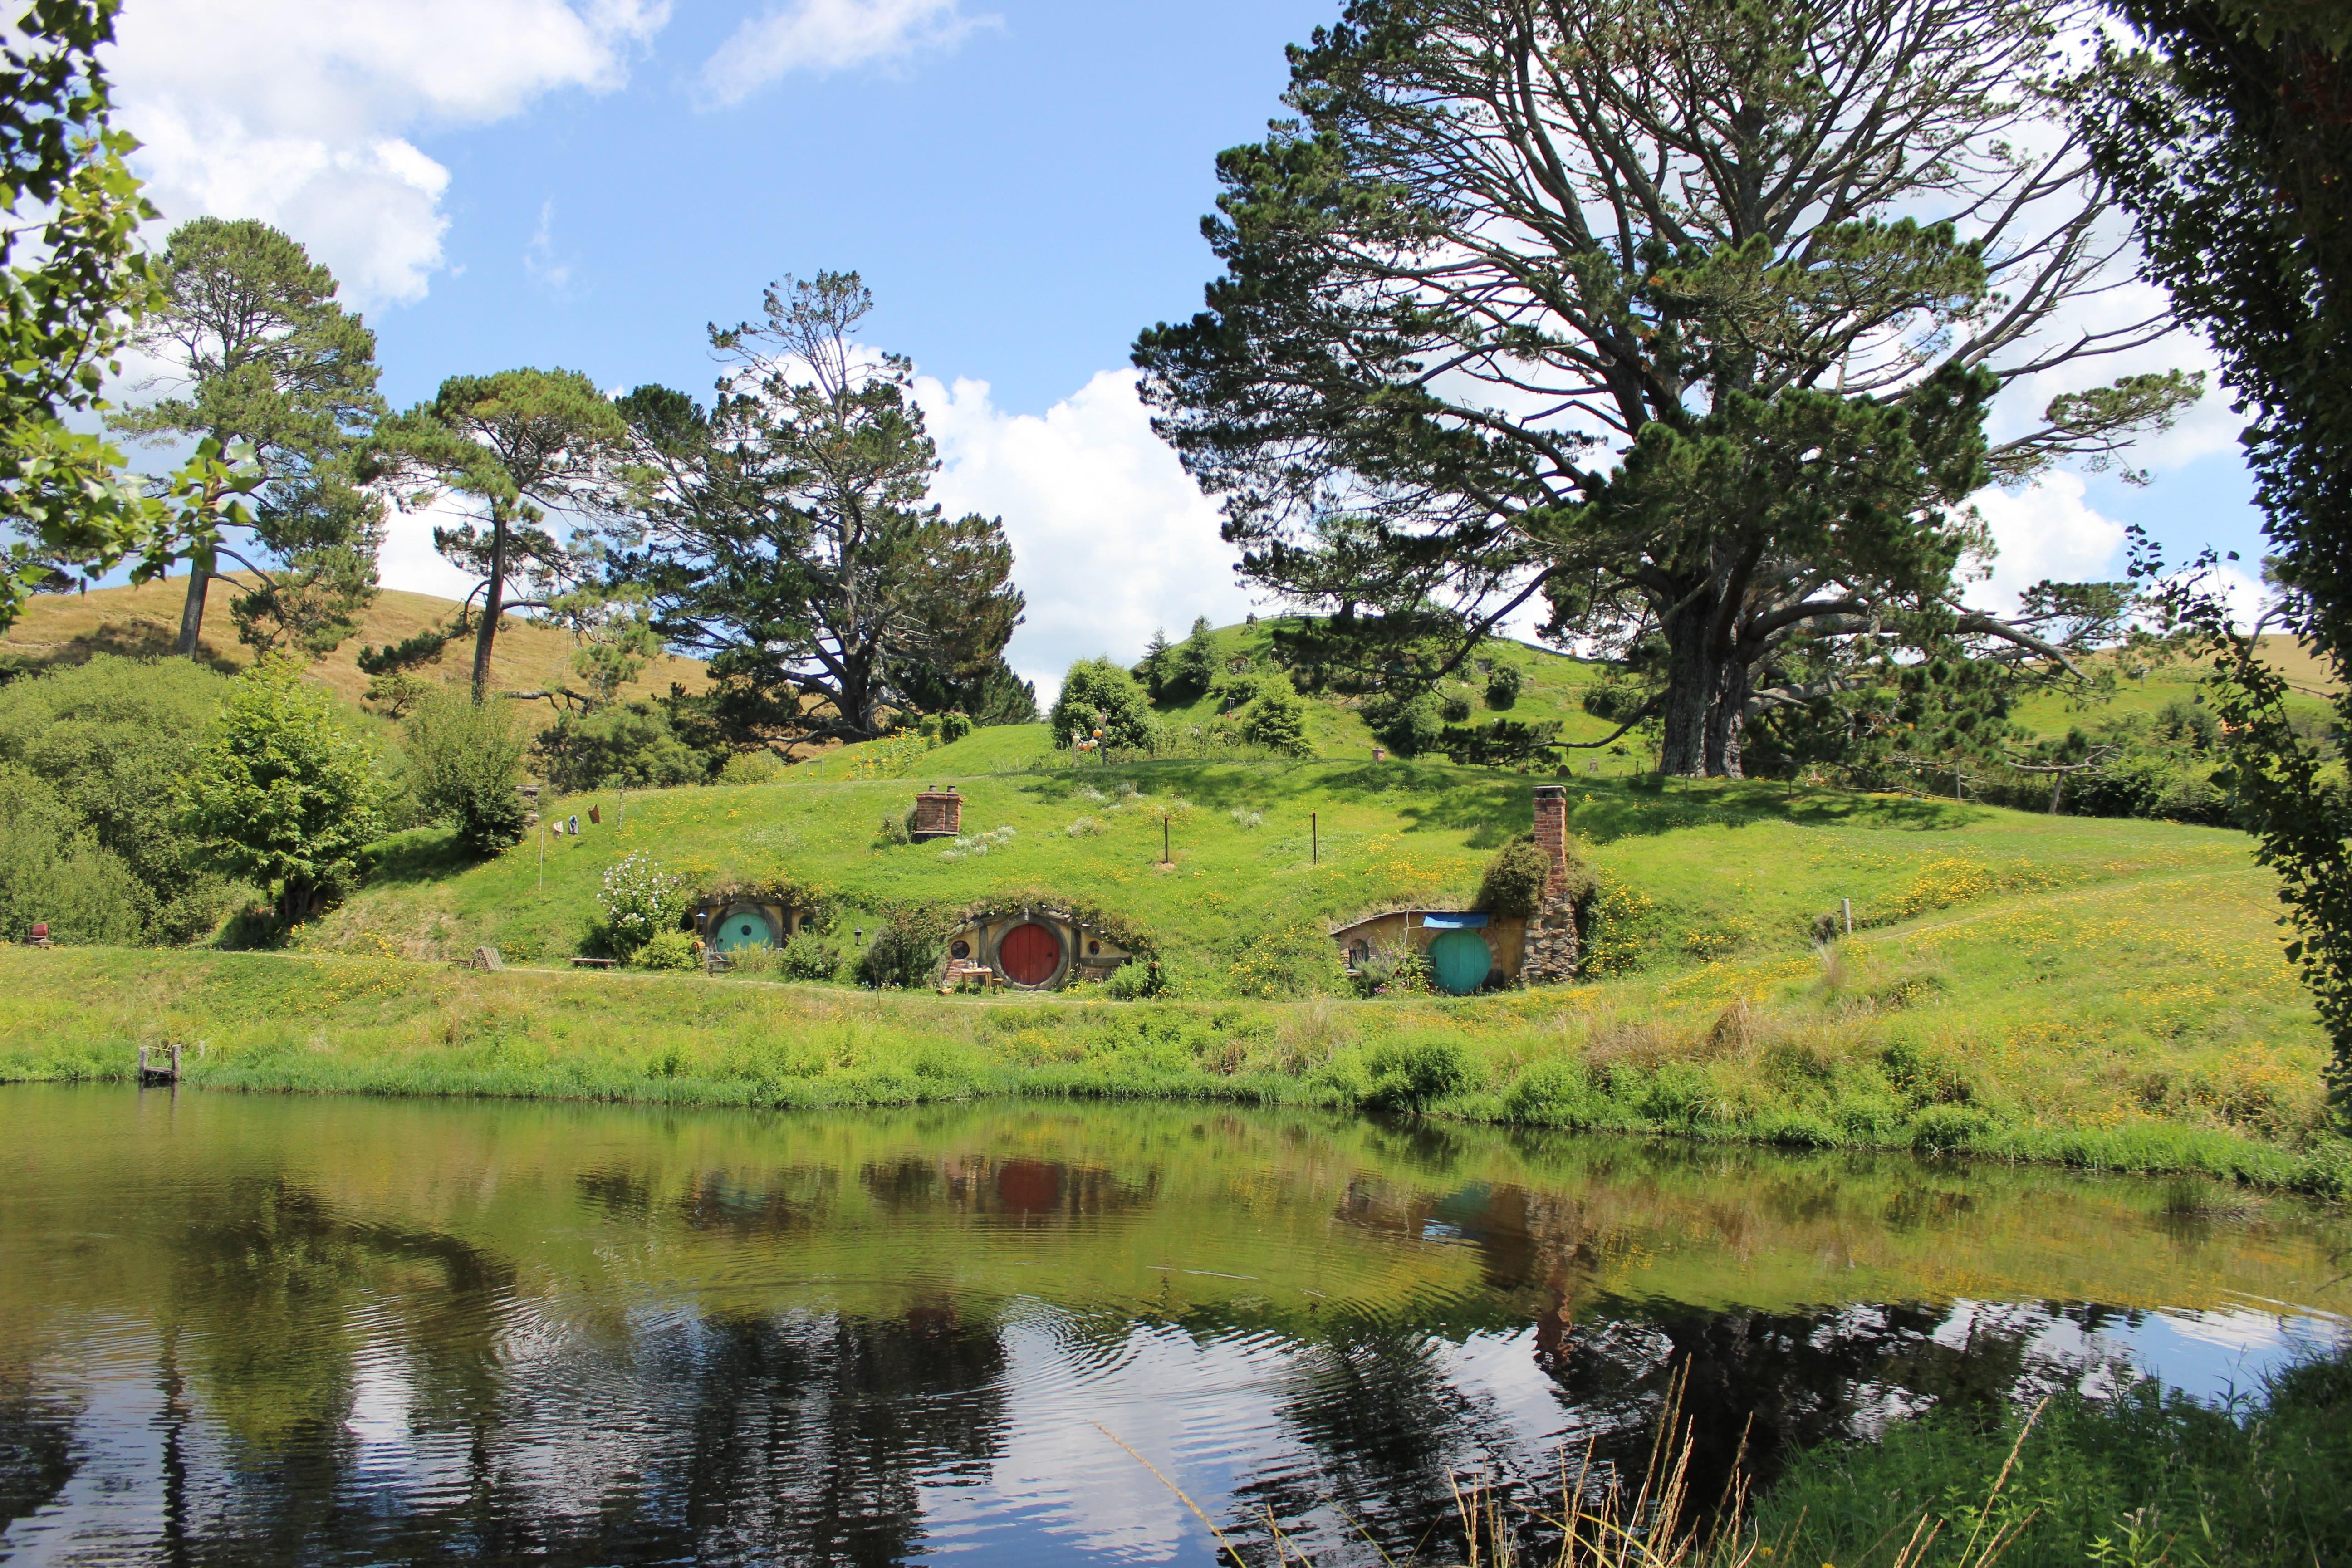 Hobbiton set, Matamata